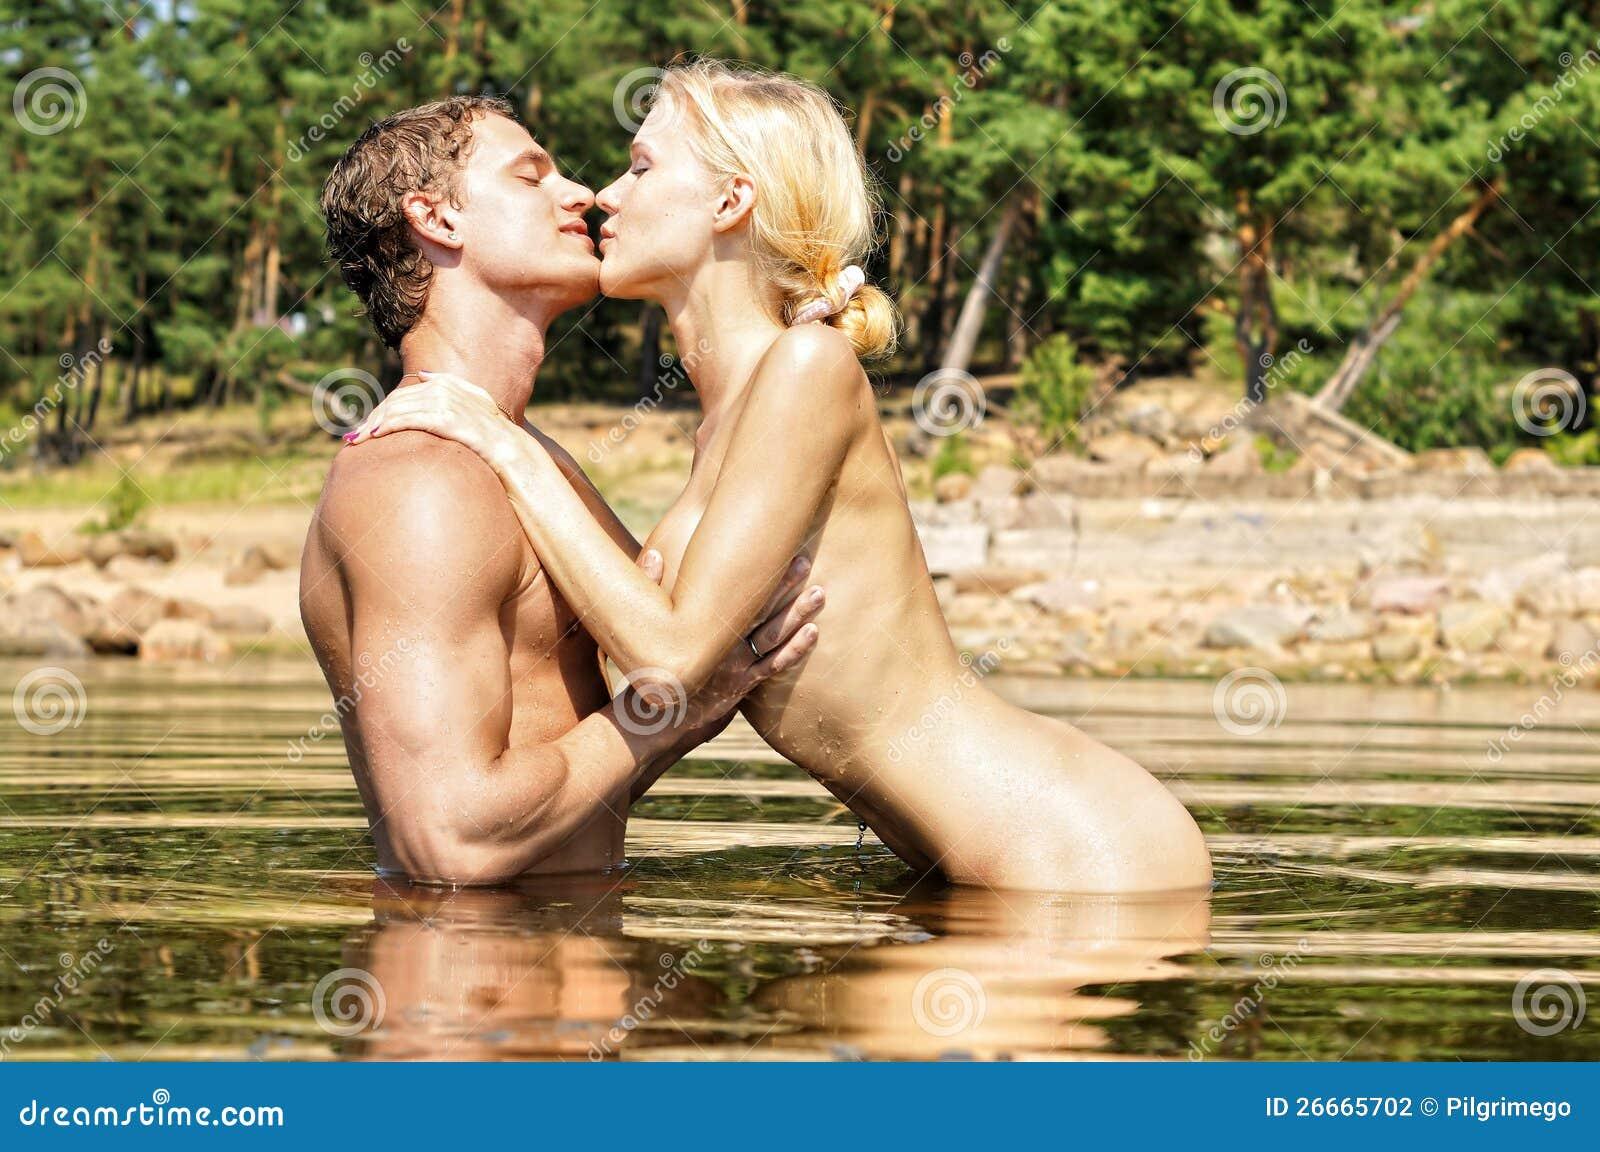 homo ferie porno porno i naturen